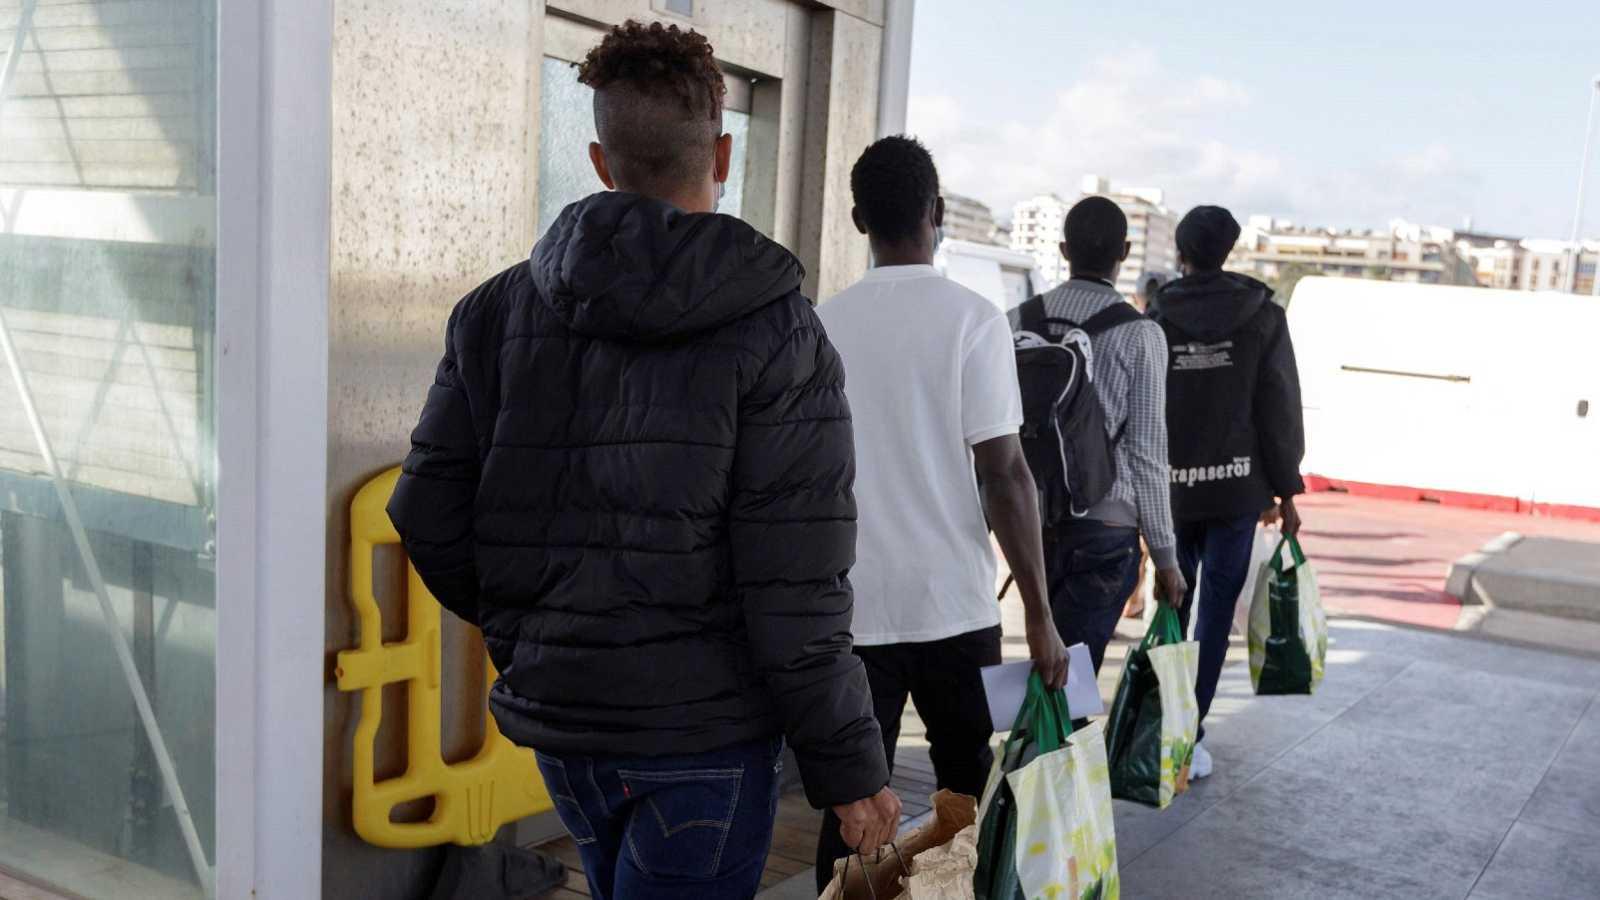 """Jóvenes africanos abocados a coger una patera: """"No tengo otra elección"""""""